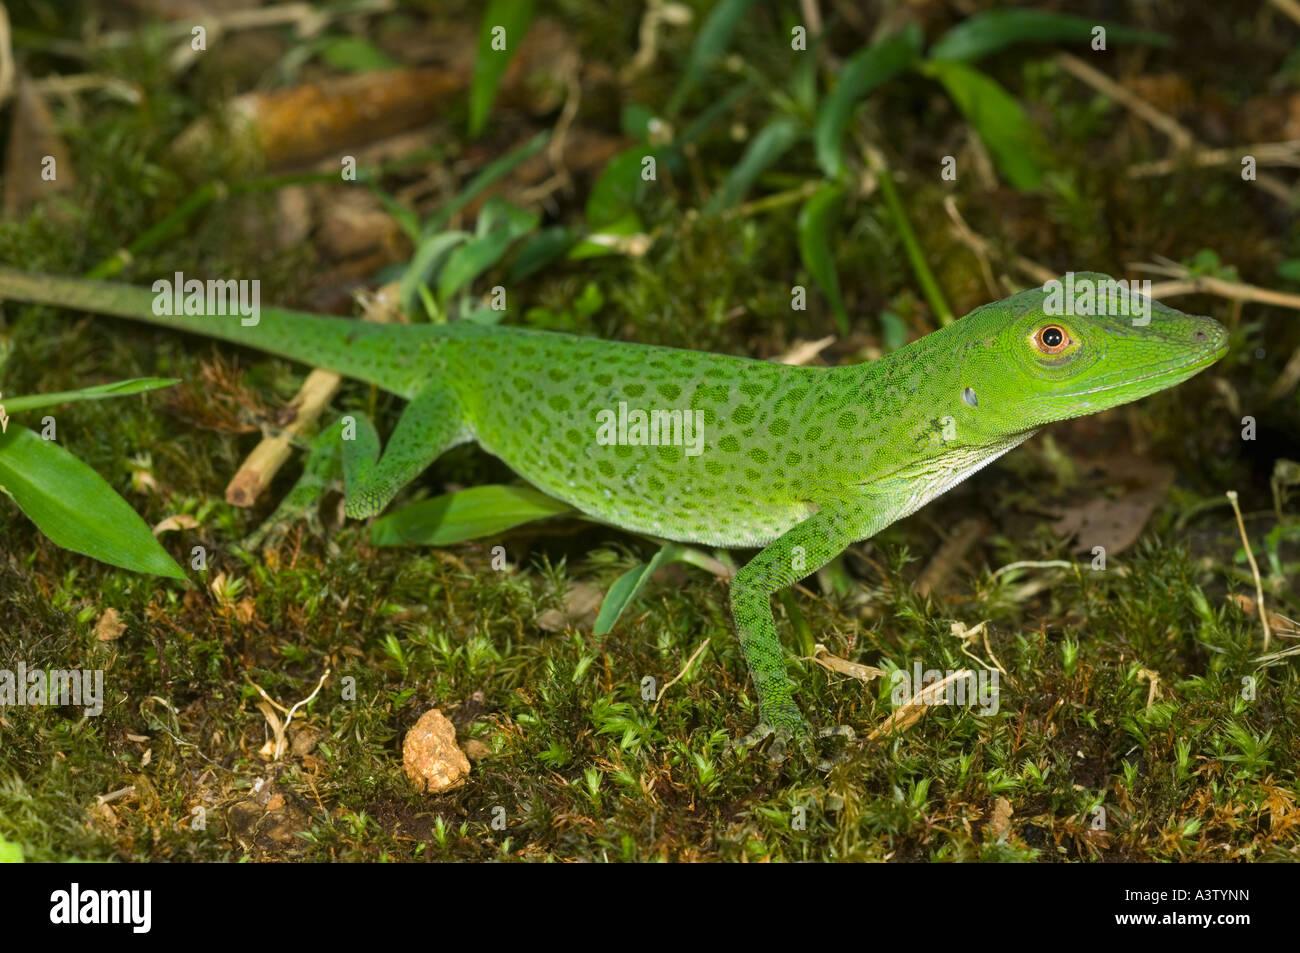 Unbekannte Arten von Wild grüne Anole Eidechse, Pirri Berg, ca 5000 ft Nationalpark Darien, Panama Stockbild